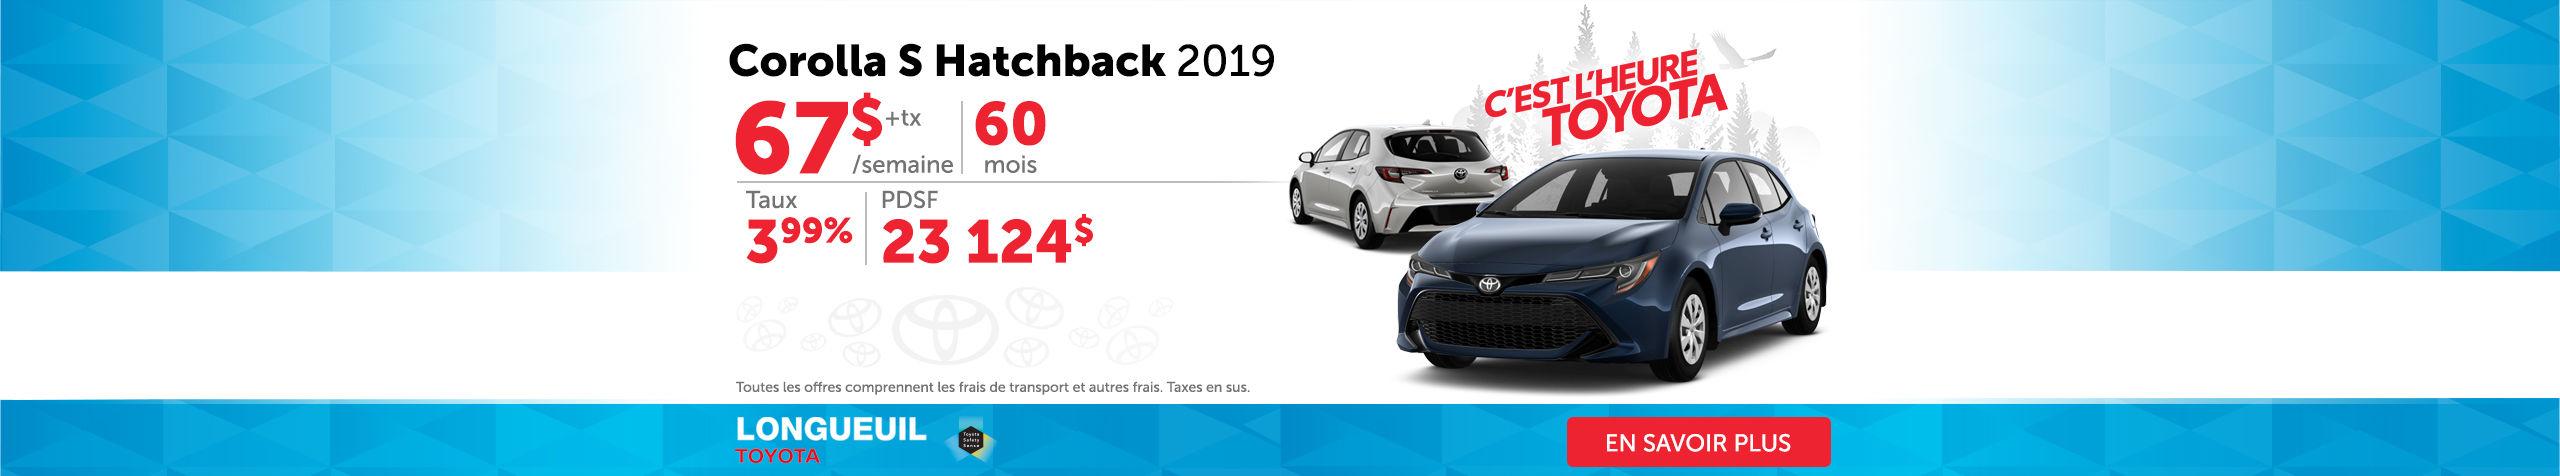 Corolla S Hatchback 2019